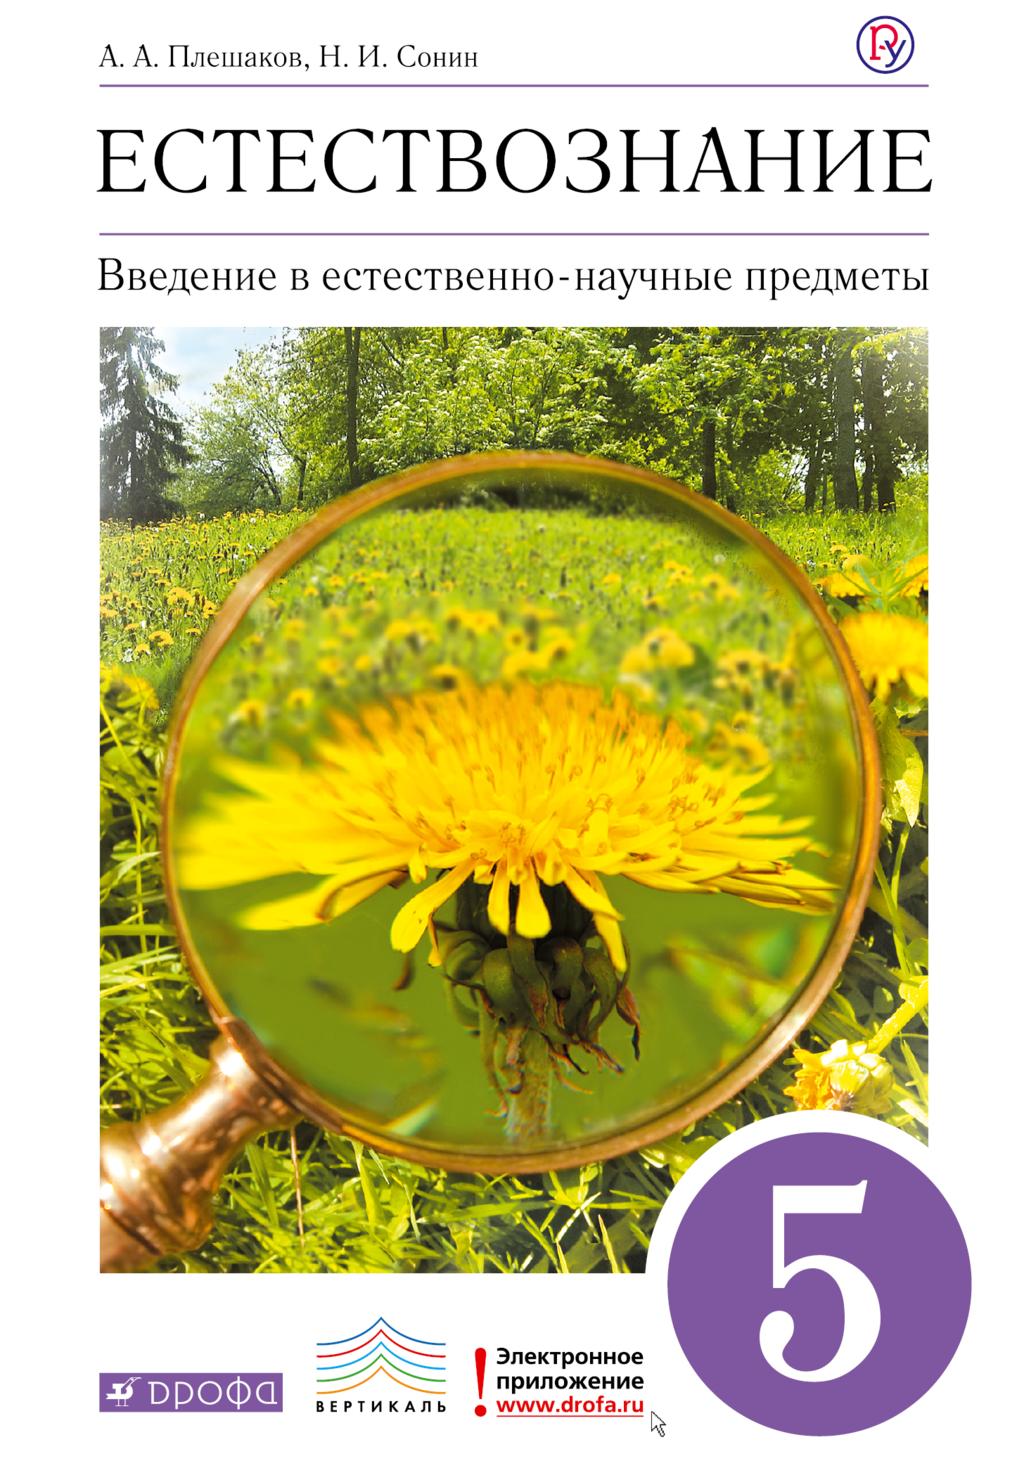 Естествознание. Введение в естественно-научные предметы. 5 класс Сонин Плешаков